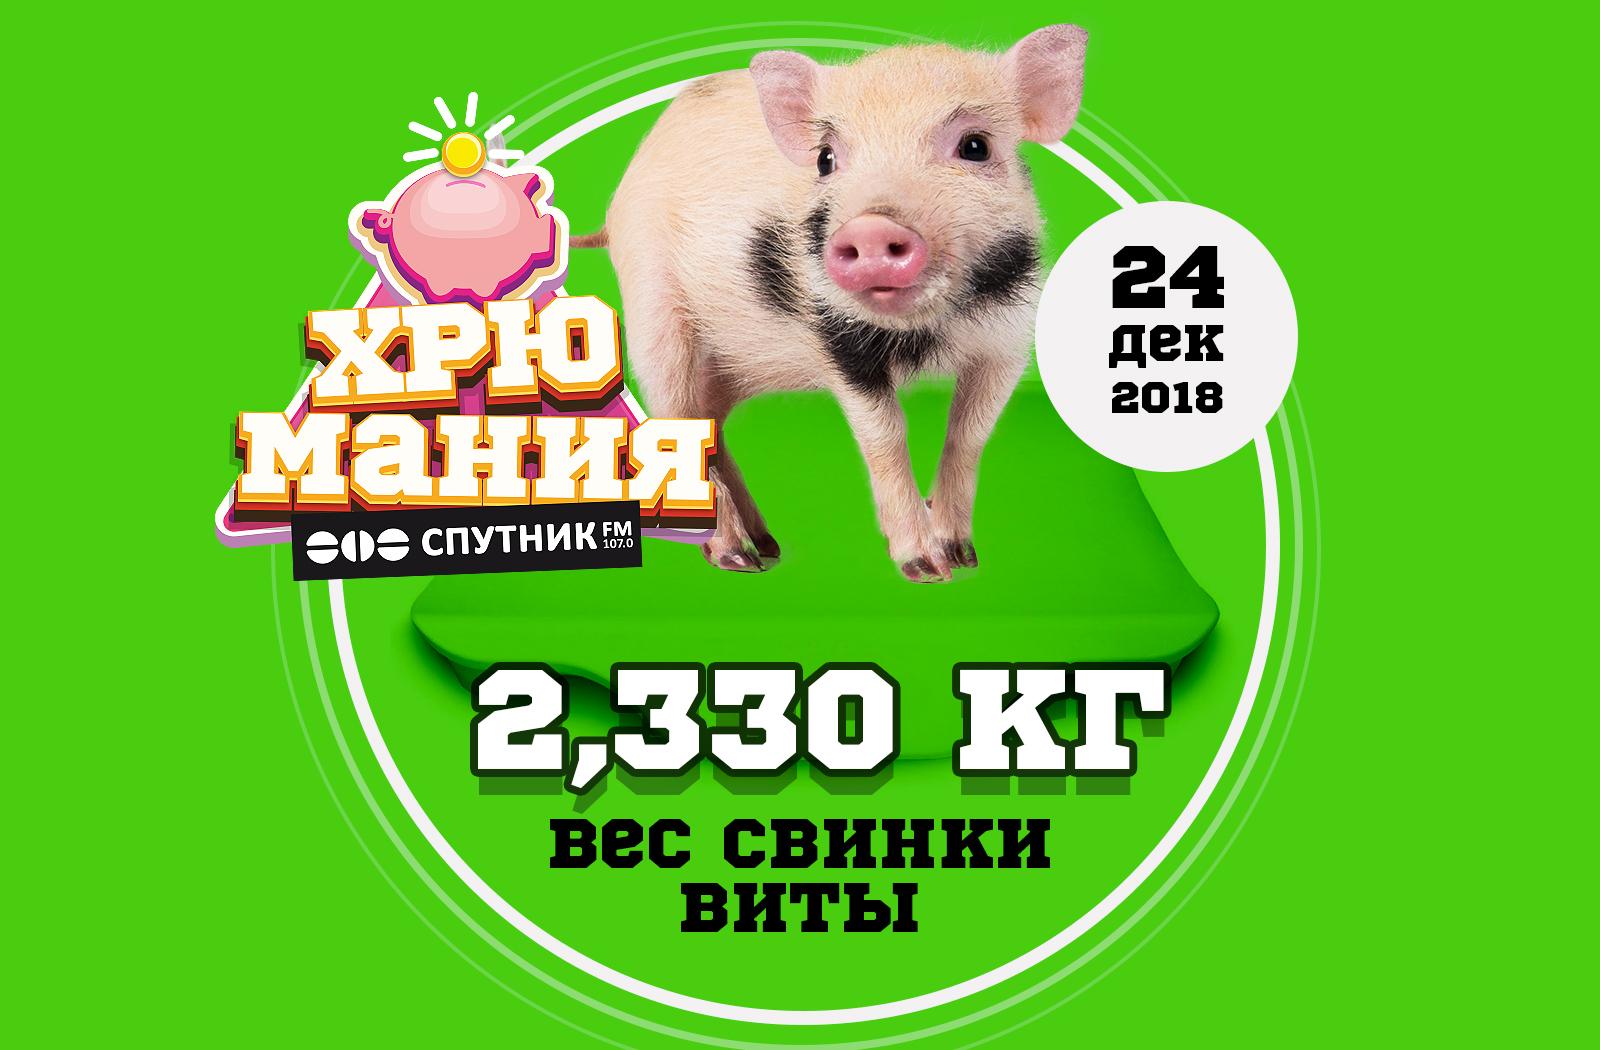 """""""ХрюМания"""": вес Виты 24 декабря"""